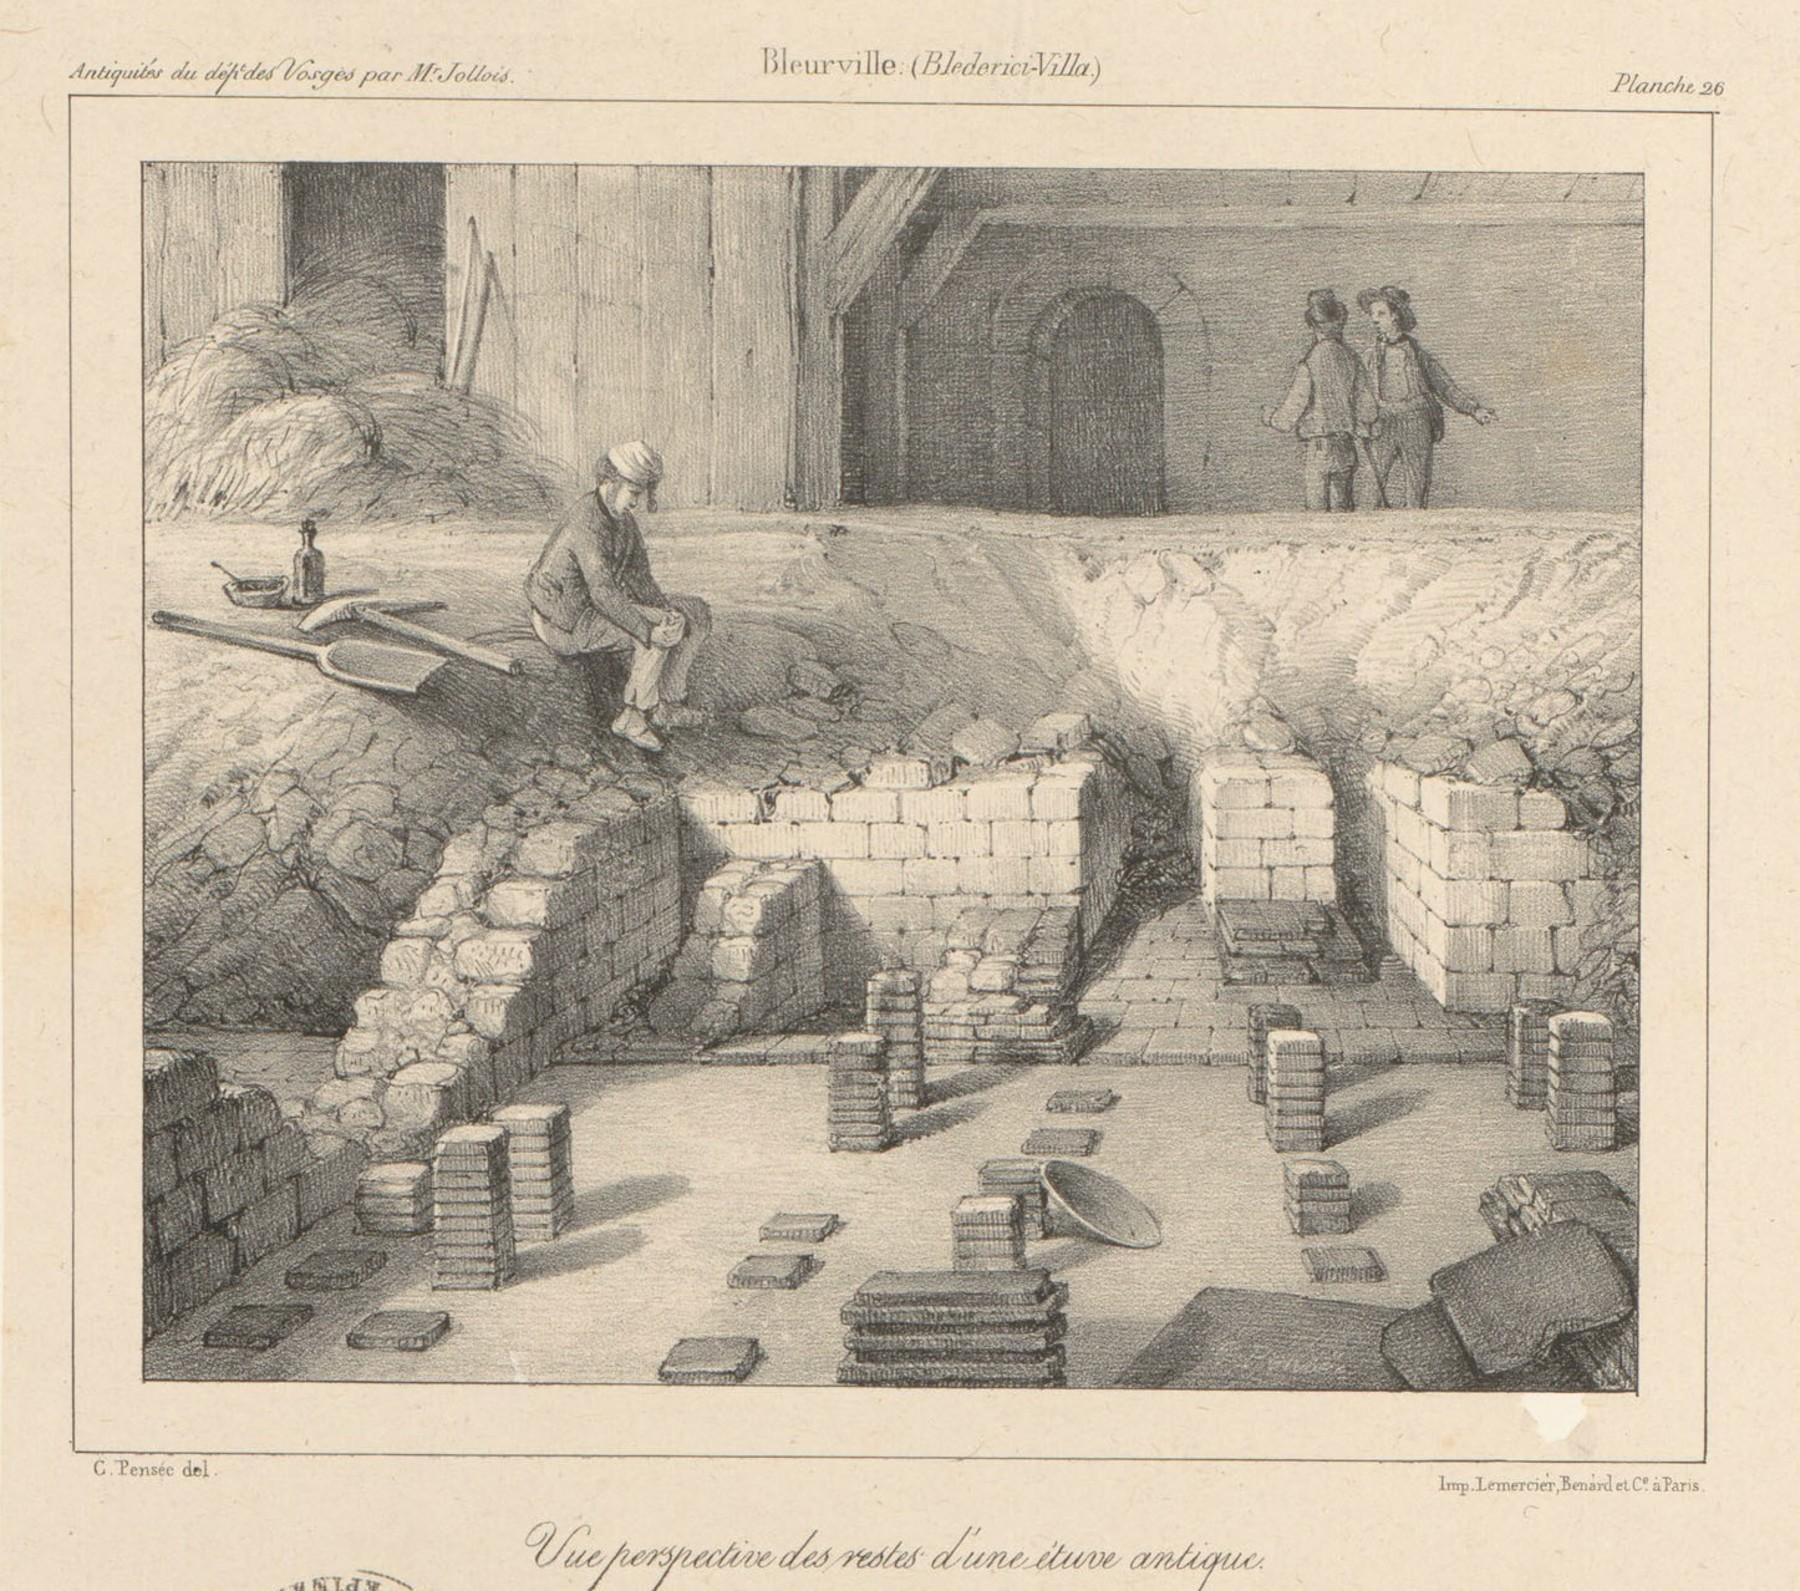 Contenu du Bleurville. Vue perspective des restes d'une étuve antique